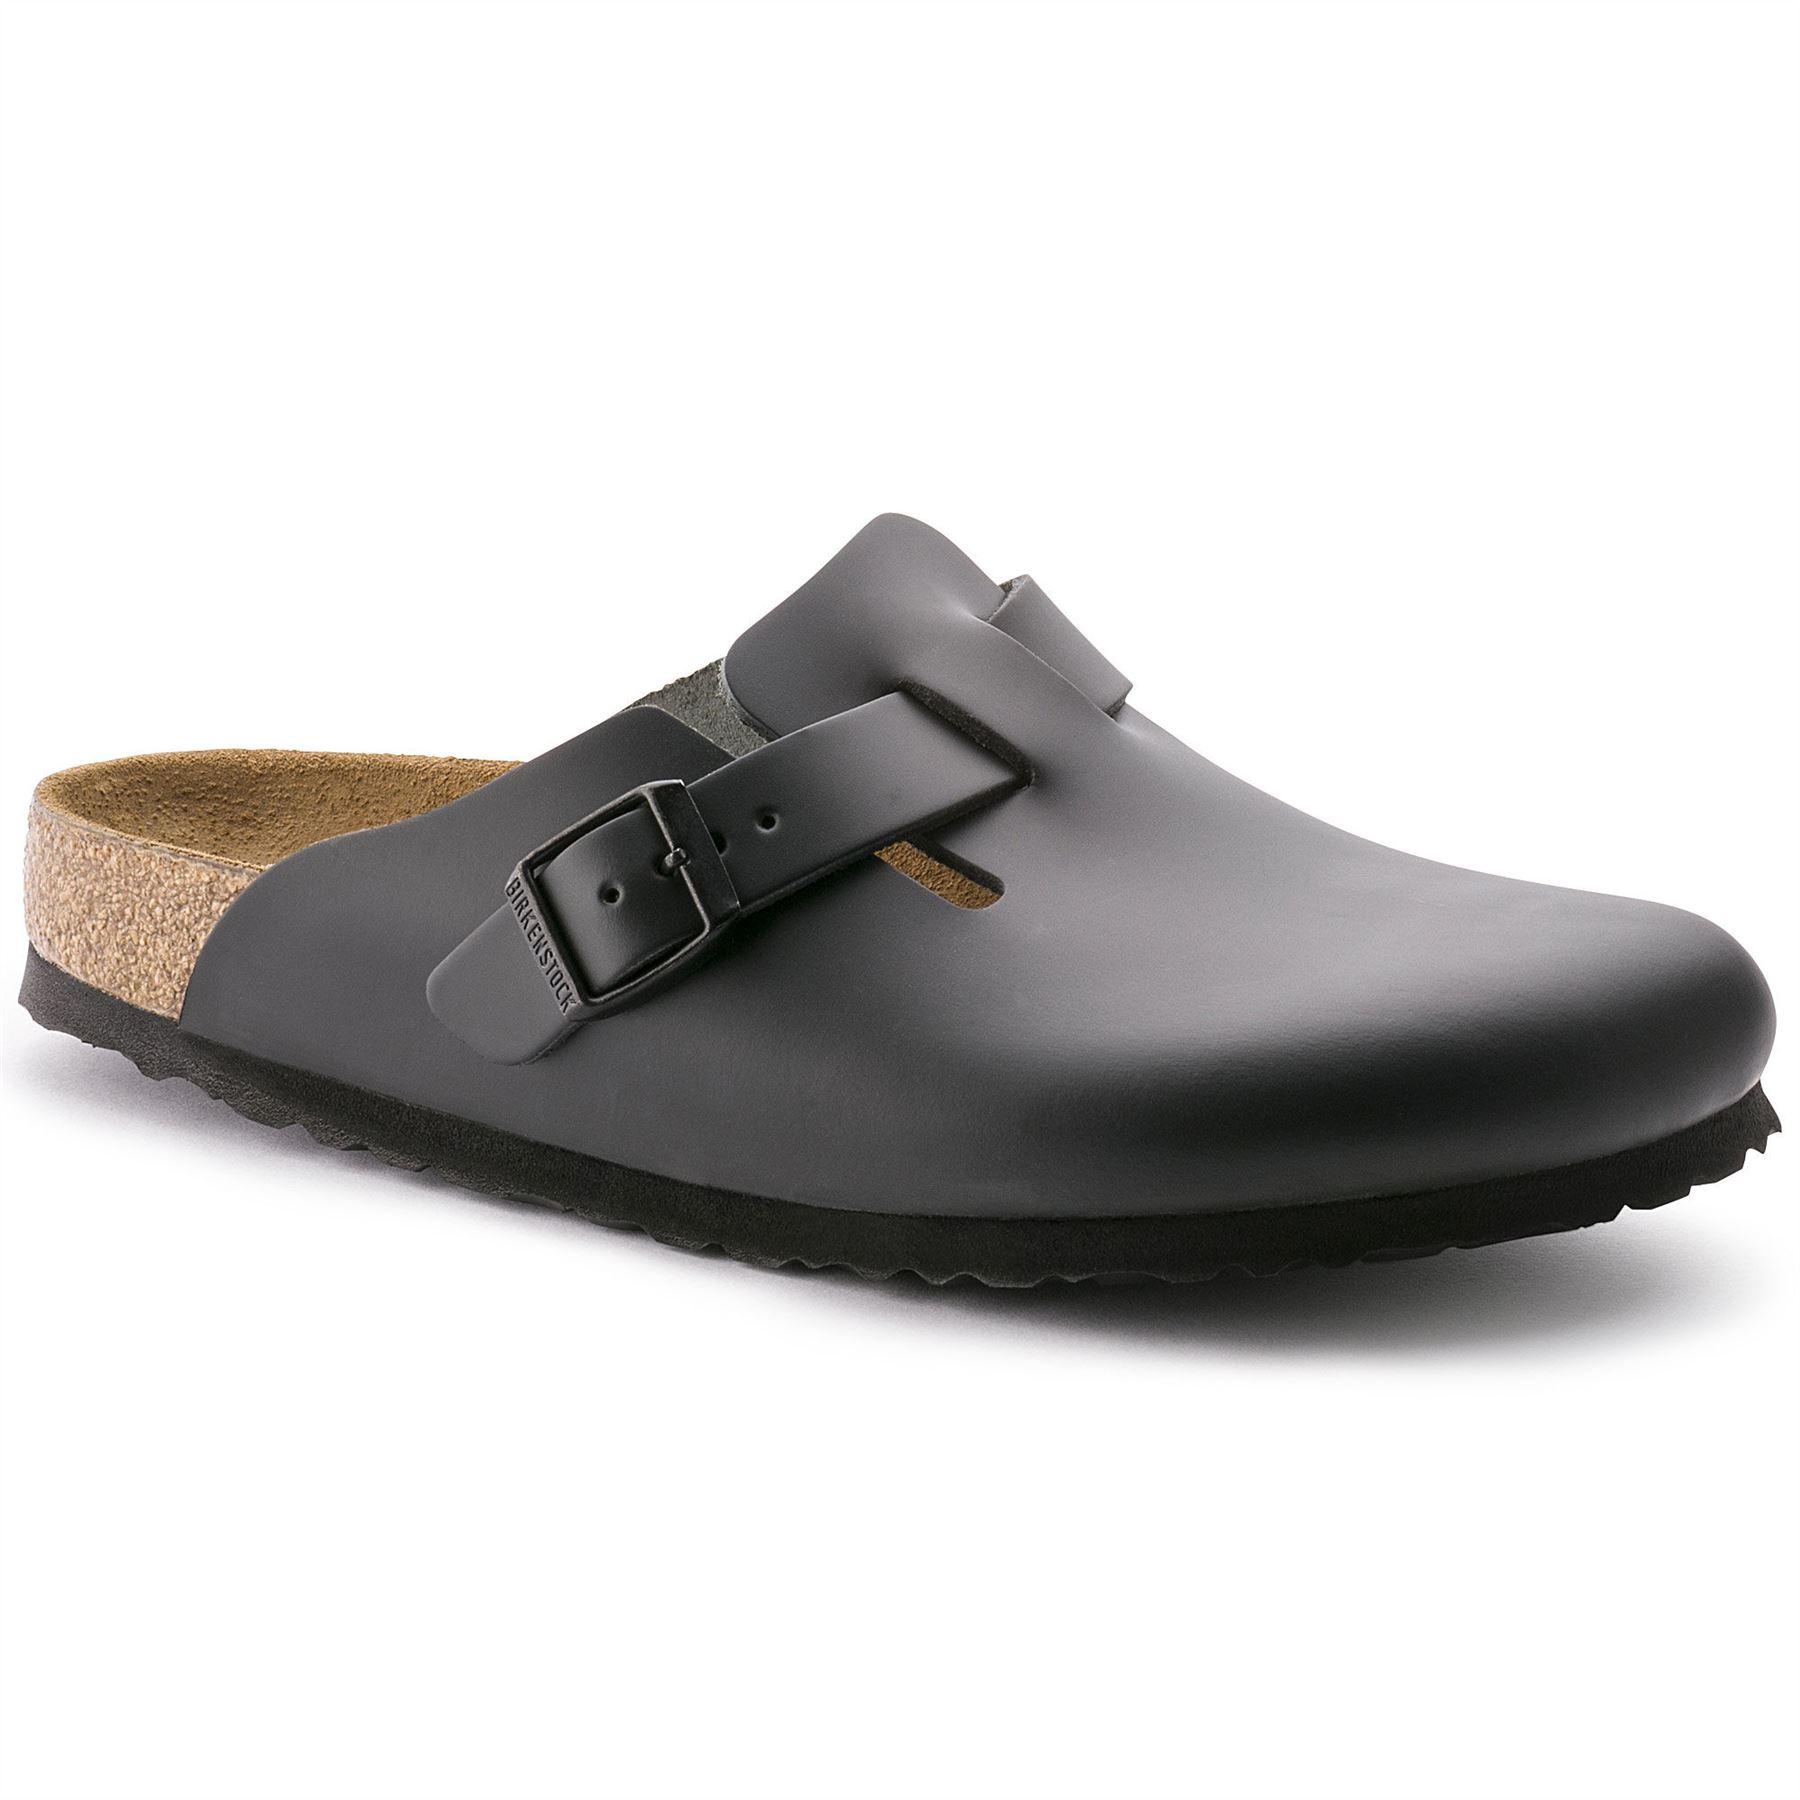 birkenstock boston mens leather clog sandals black shoes. Black Bedroom Furniture Sets. Home Design Ideas